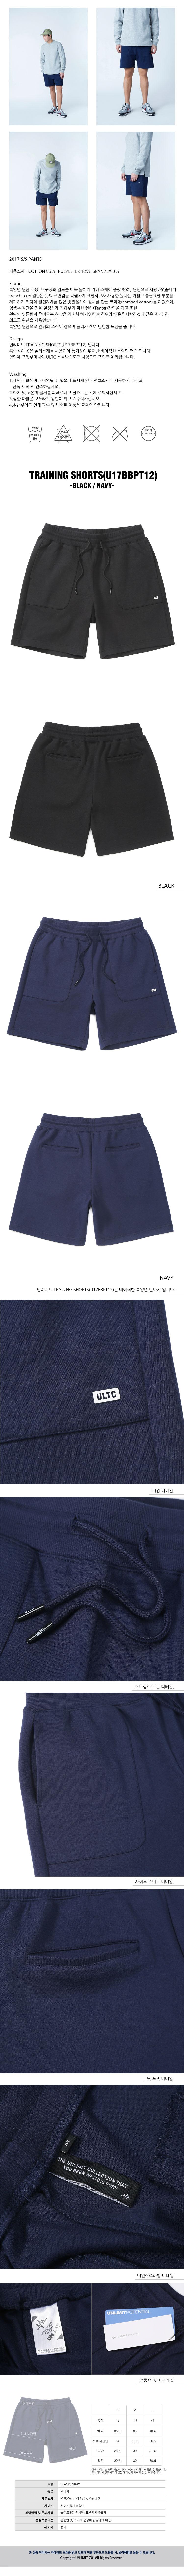 언리미트(UNLIMIT) Tranning Shorts (U17BBPT12)